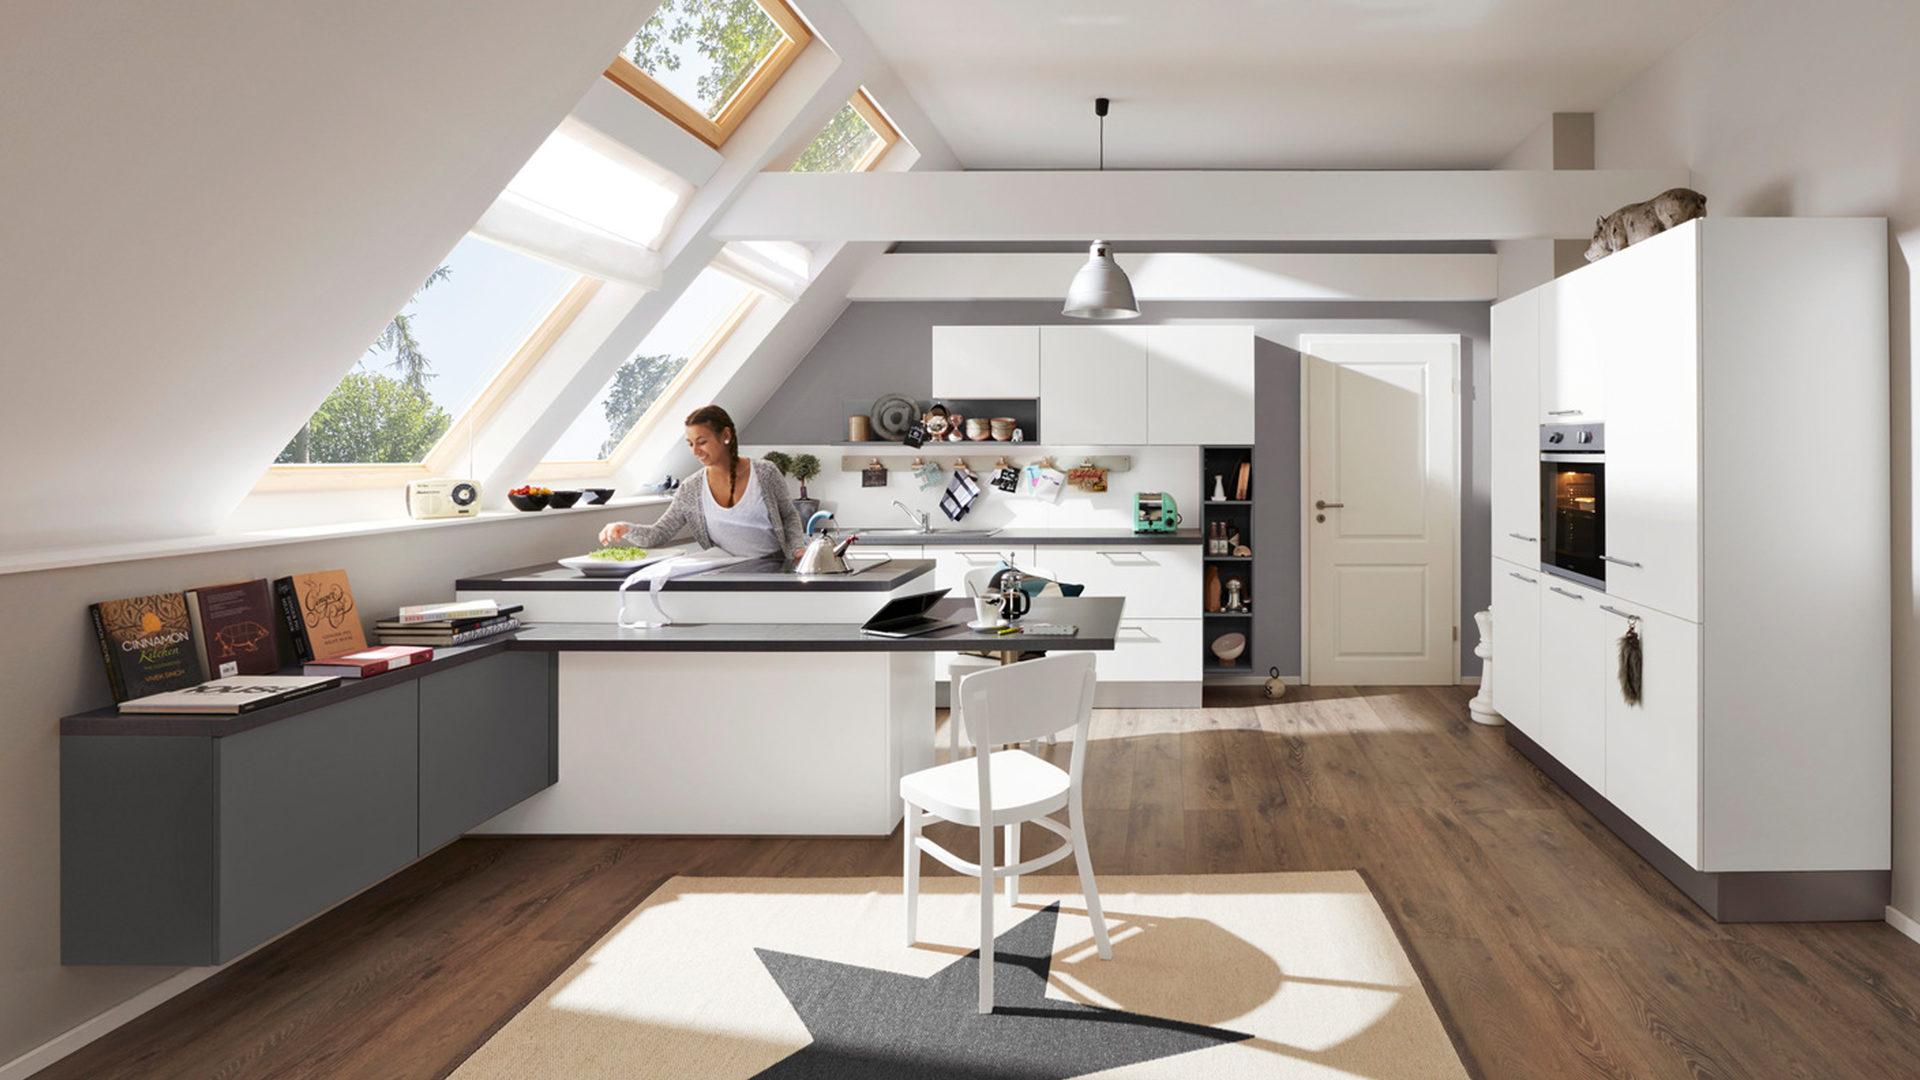 Möbel Bohn Crailsheim   Möbel A-Z   Küchen   Einbauküche mit ...